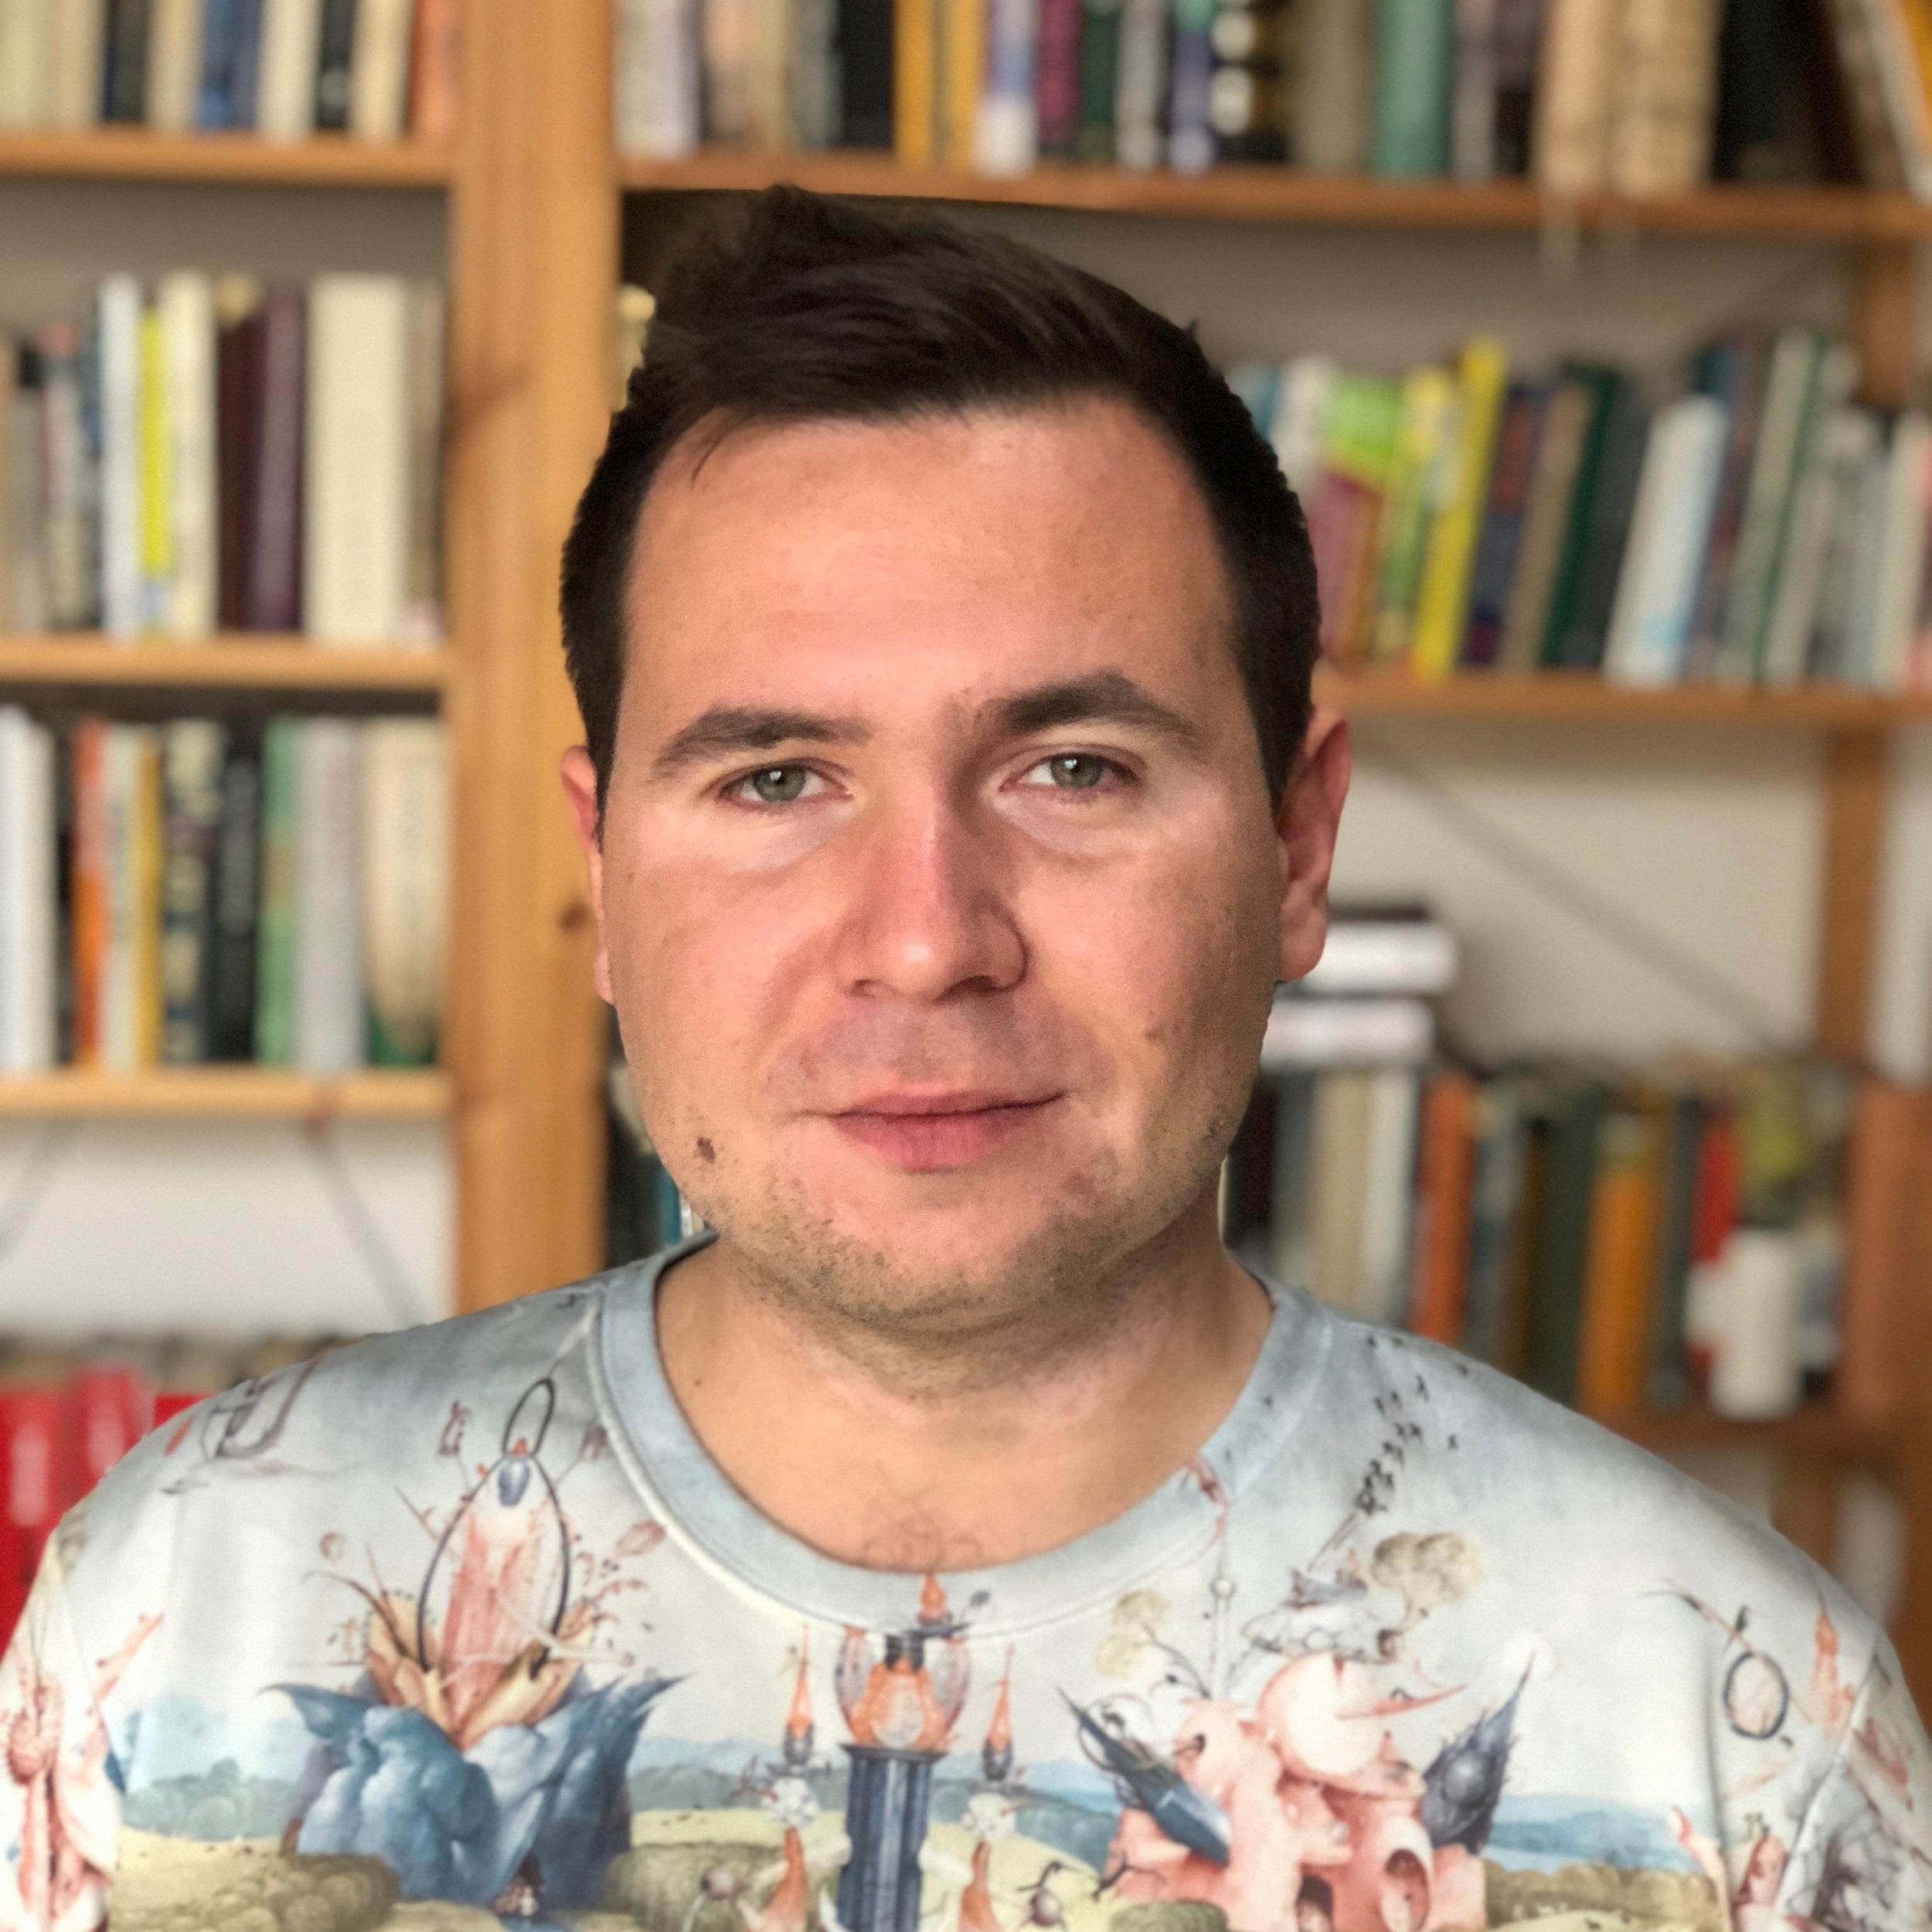 Adam Ondráček - Brand developer, který rád přesvědčuje byznysmeny, aby jejich značky vracely více do společnosti a méně vydělávaly. Kupodivu ho celkem poslouchají.